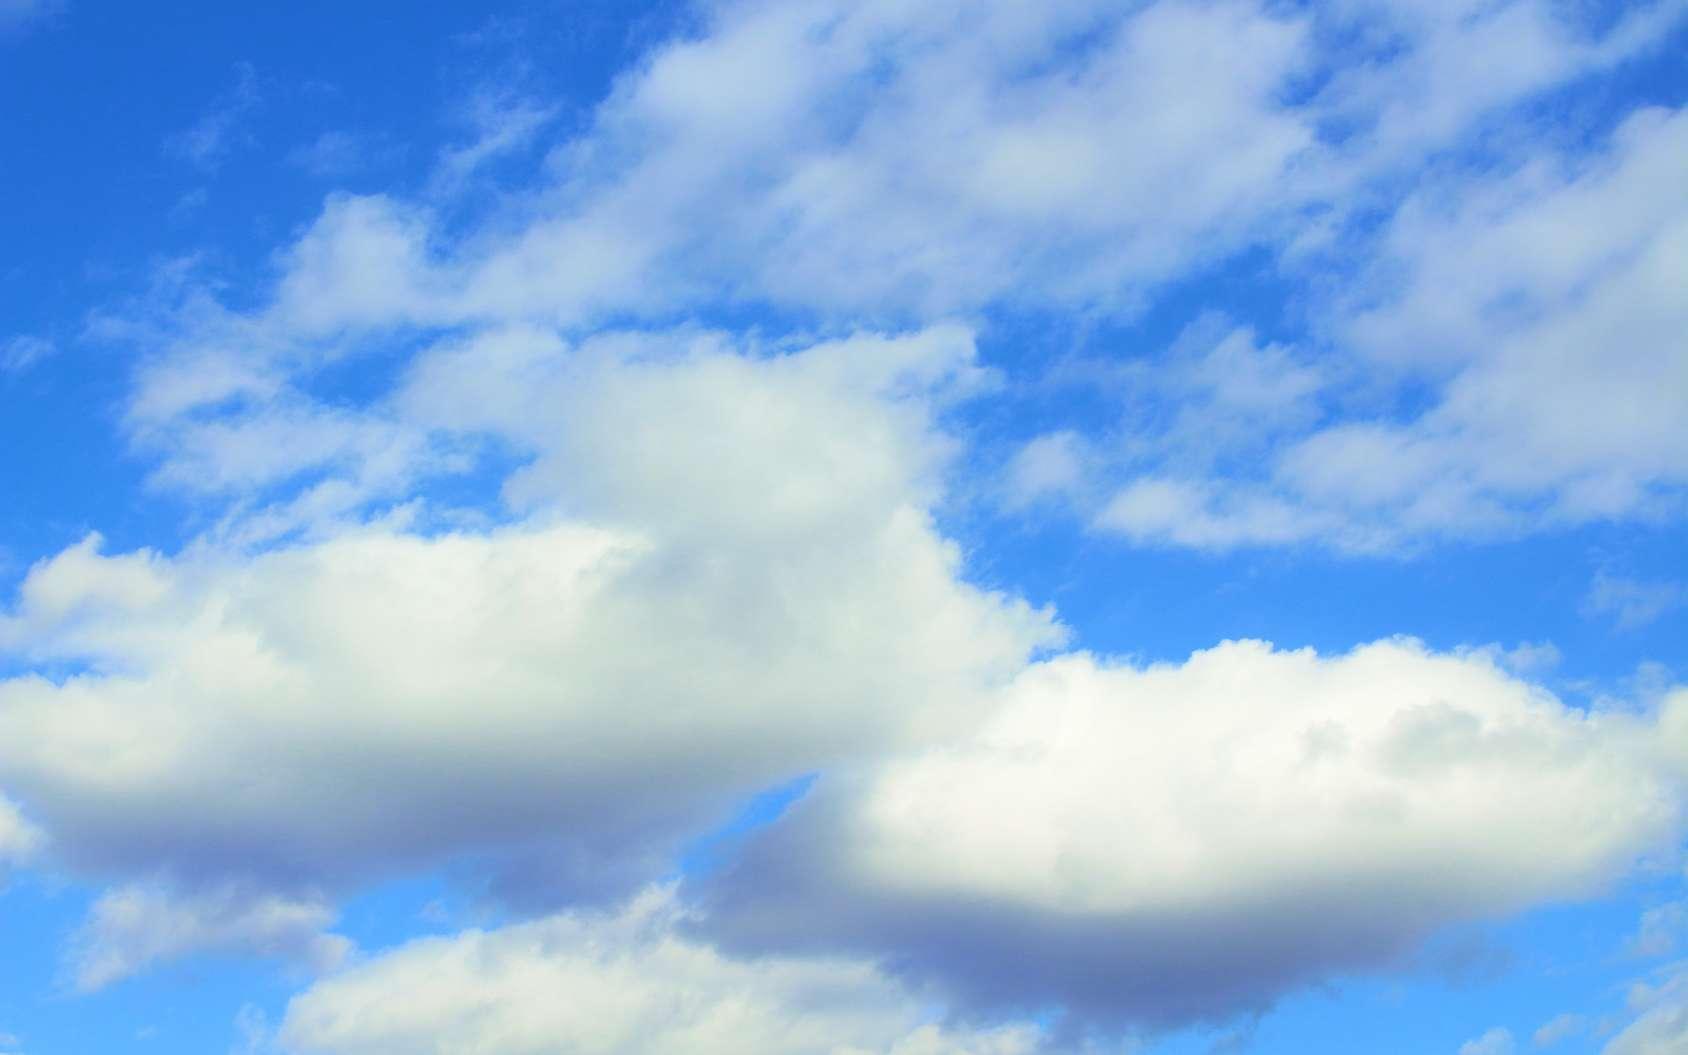 Les cumulus sont des nuages dont le haut blanc est illuminé par le Soleil. © far700, Fotolia